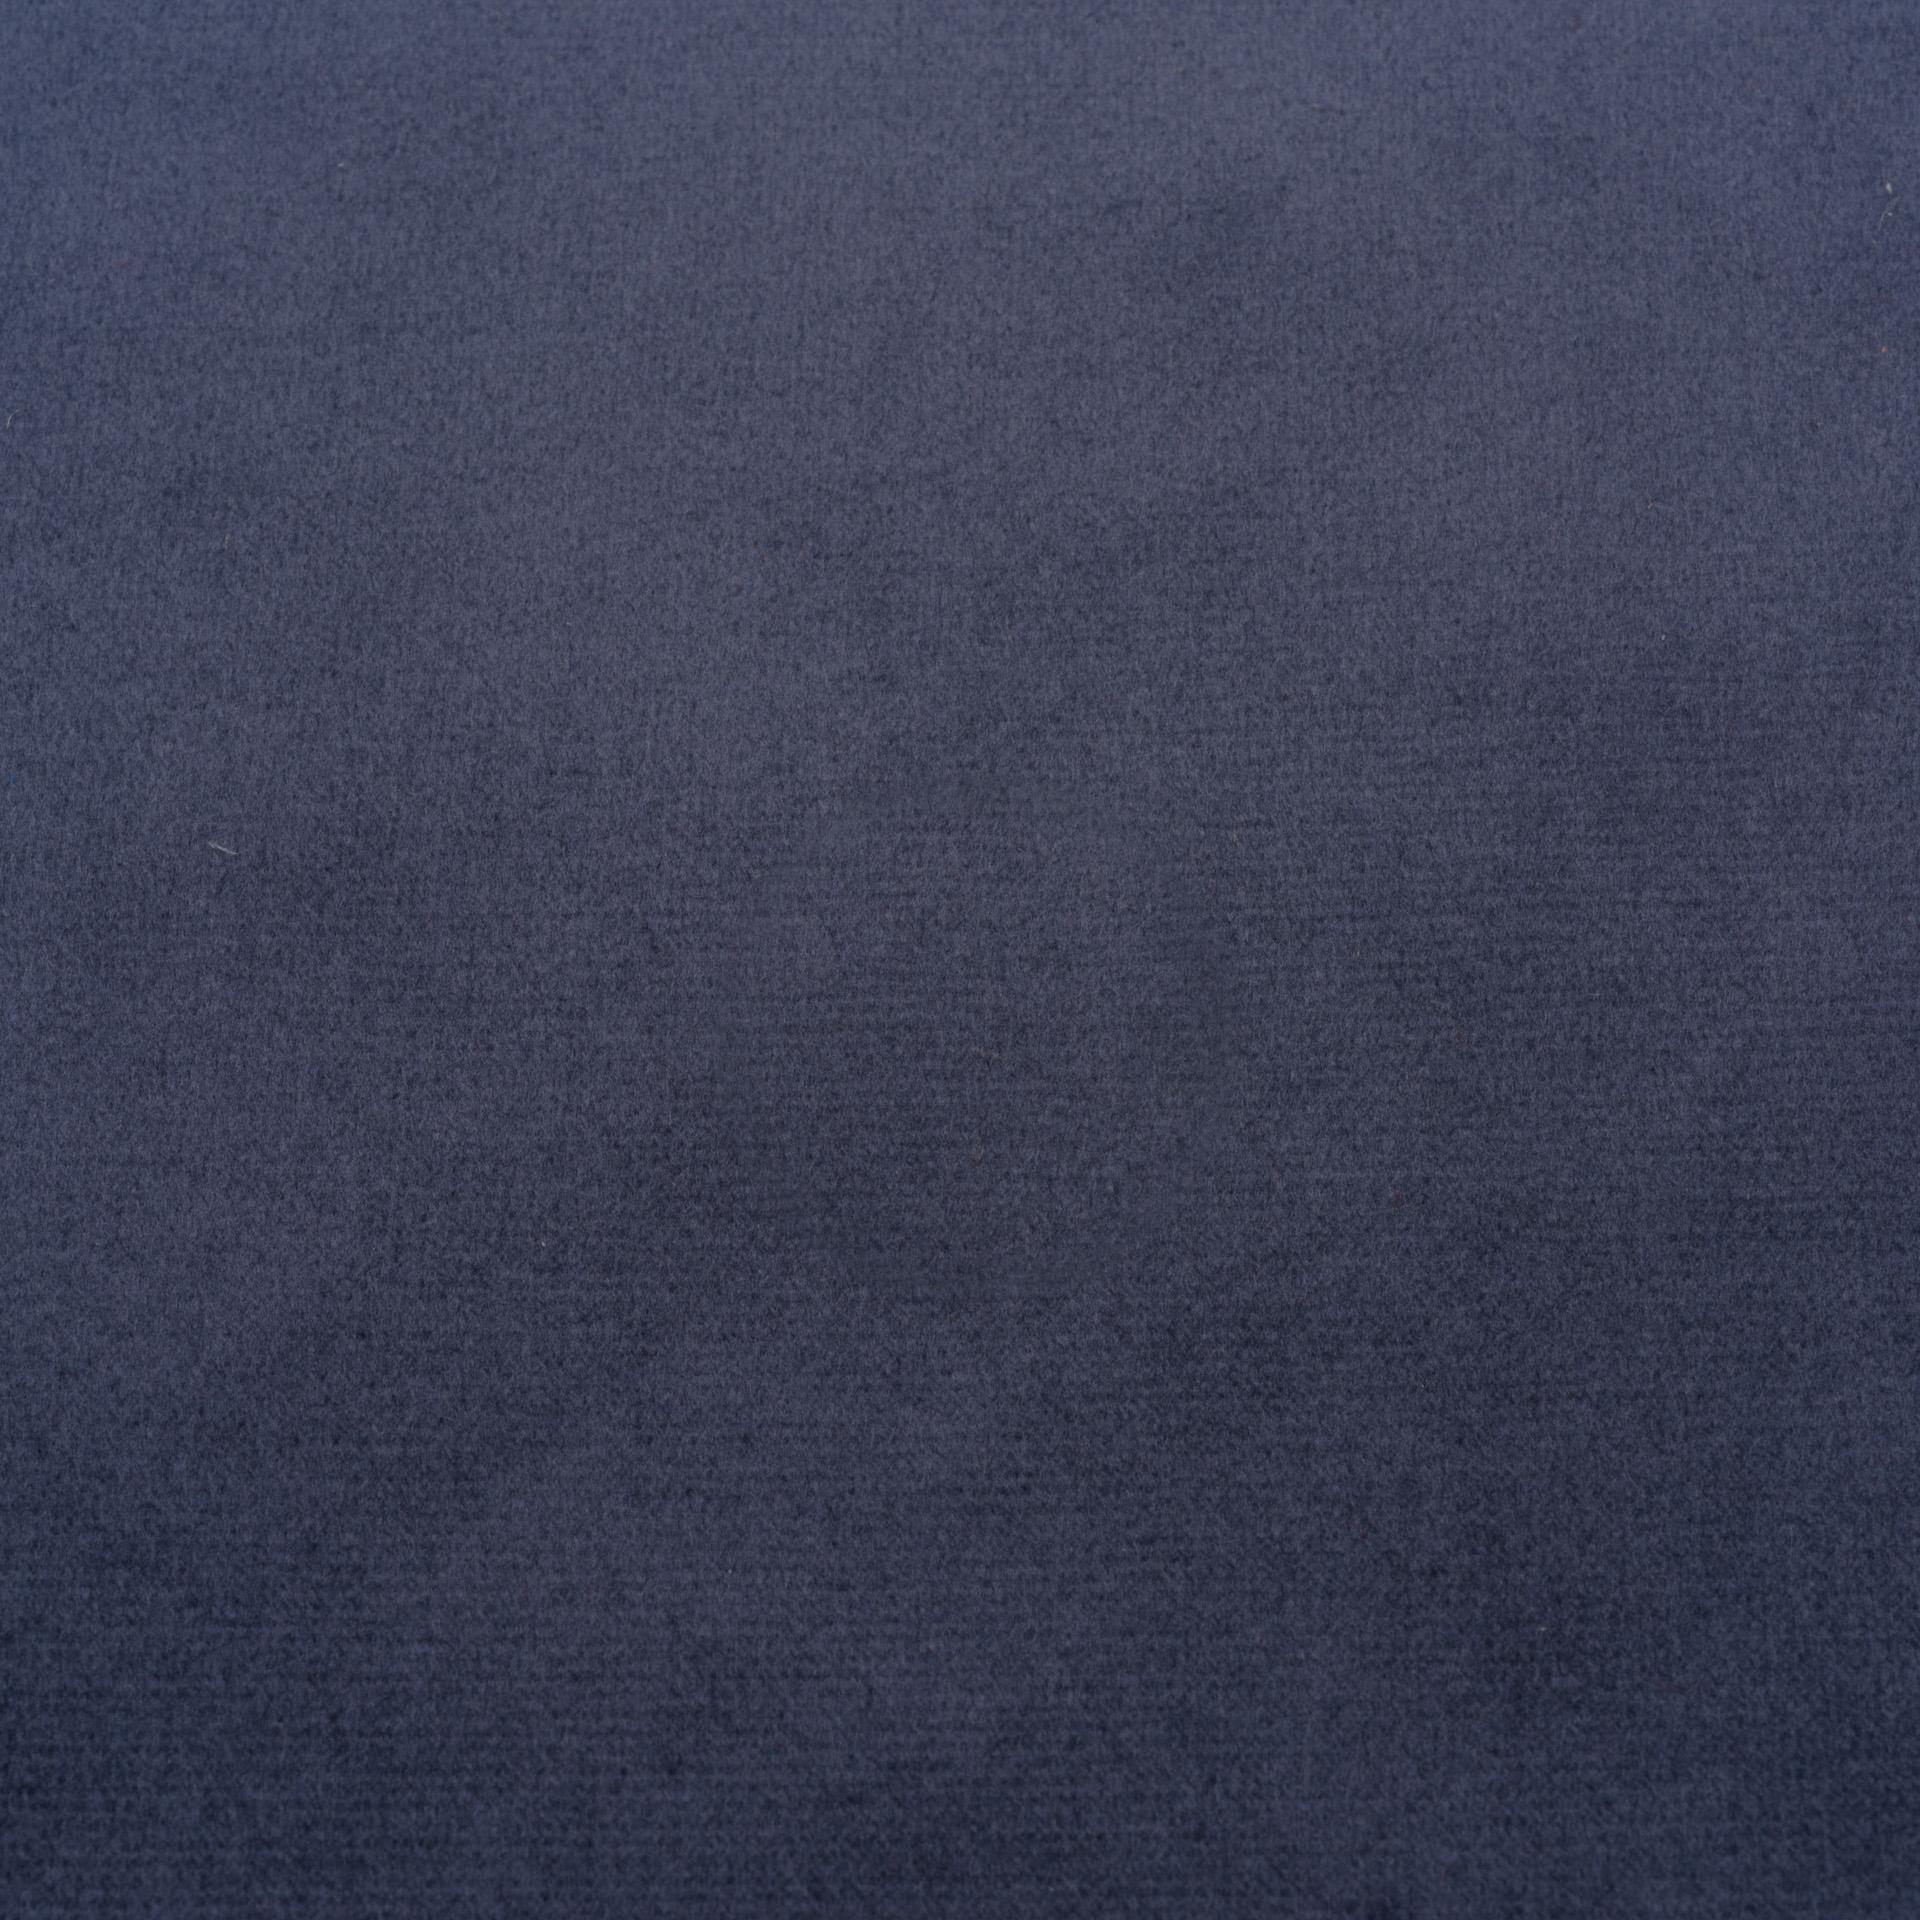 Коллекция ткани Багира 21 GREY VIOLET,  купить ткань Велюр для мебели Украина